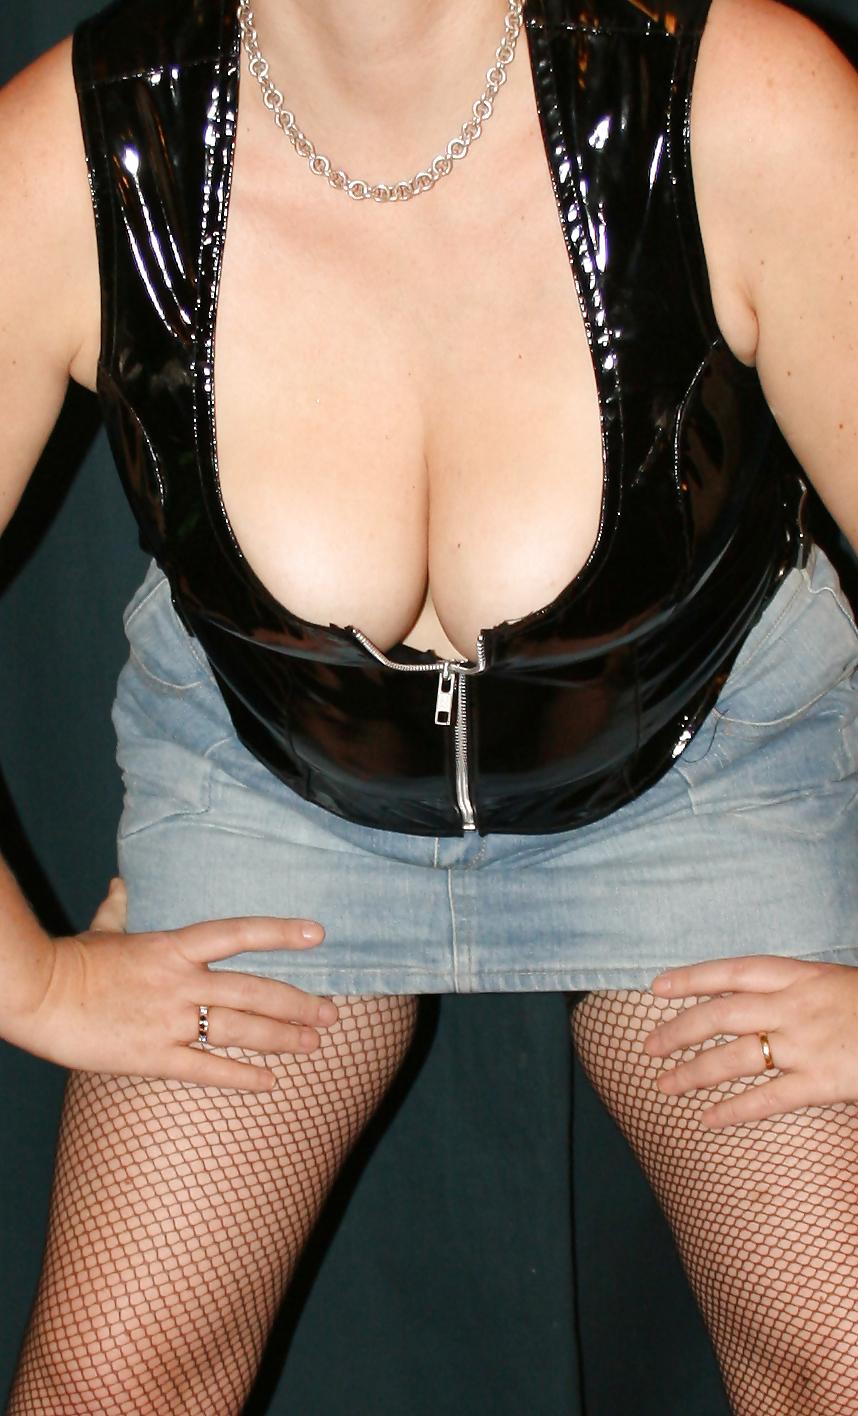 Slut wife mini skirt, mature upskirt picure galleries